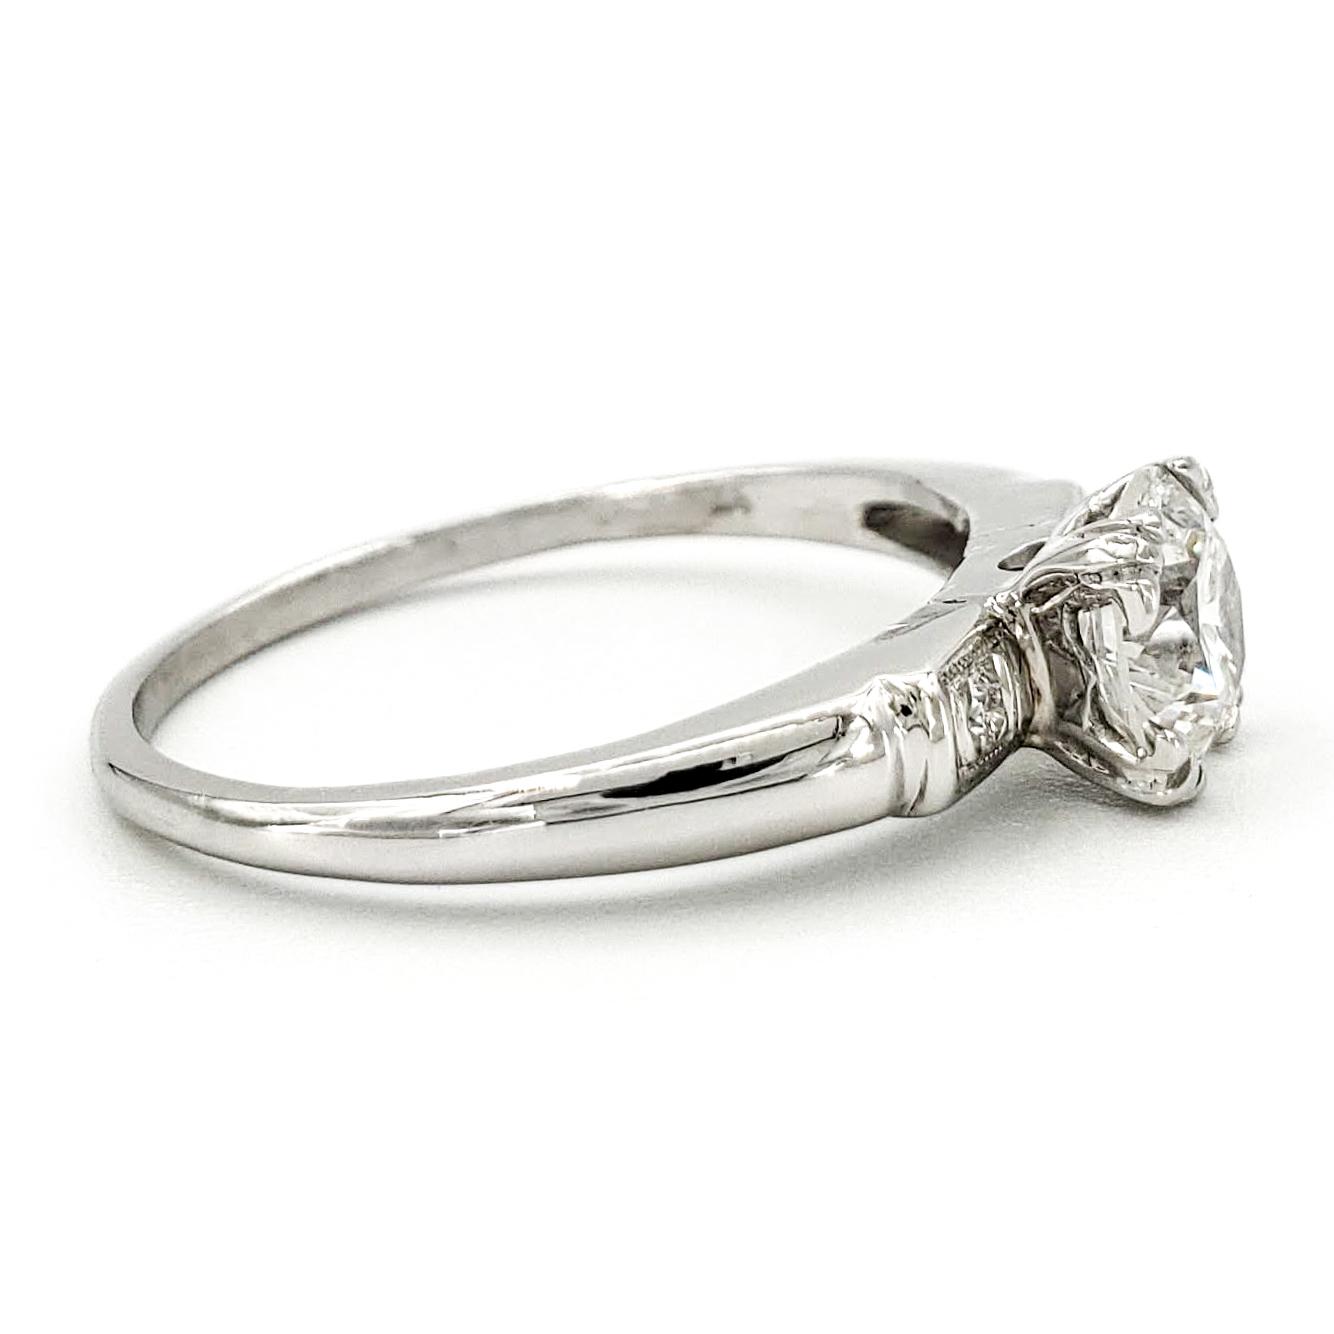 vintage-platinum-engagement-ring-with-0-70-carat-round-brilliant-cut-diamond-egl-f-si1